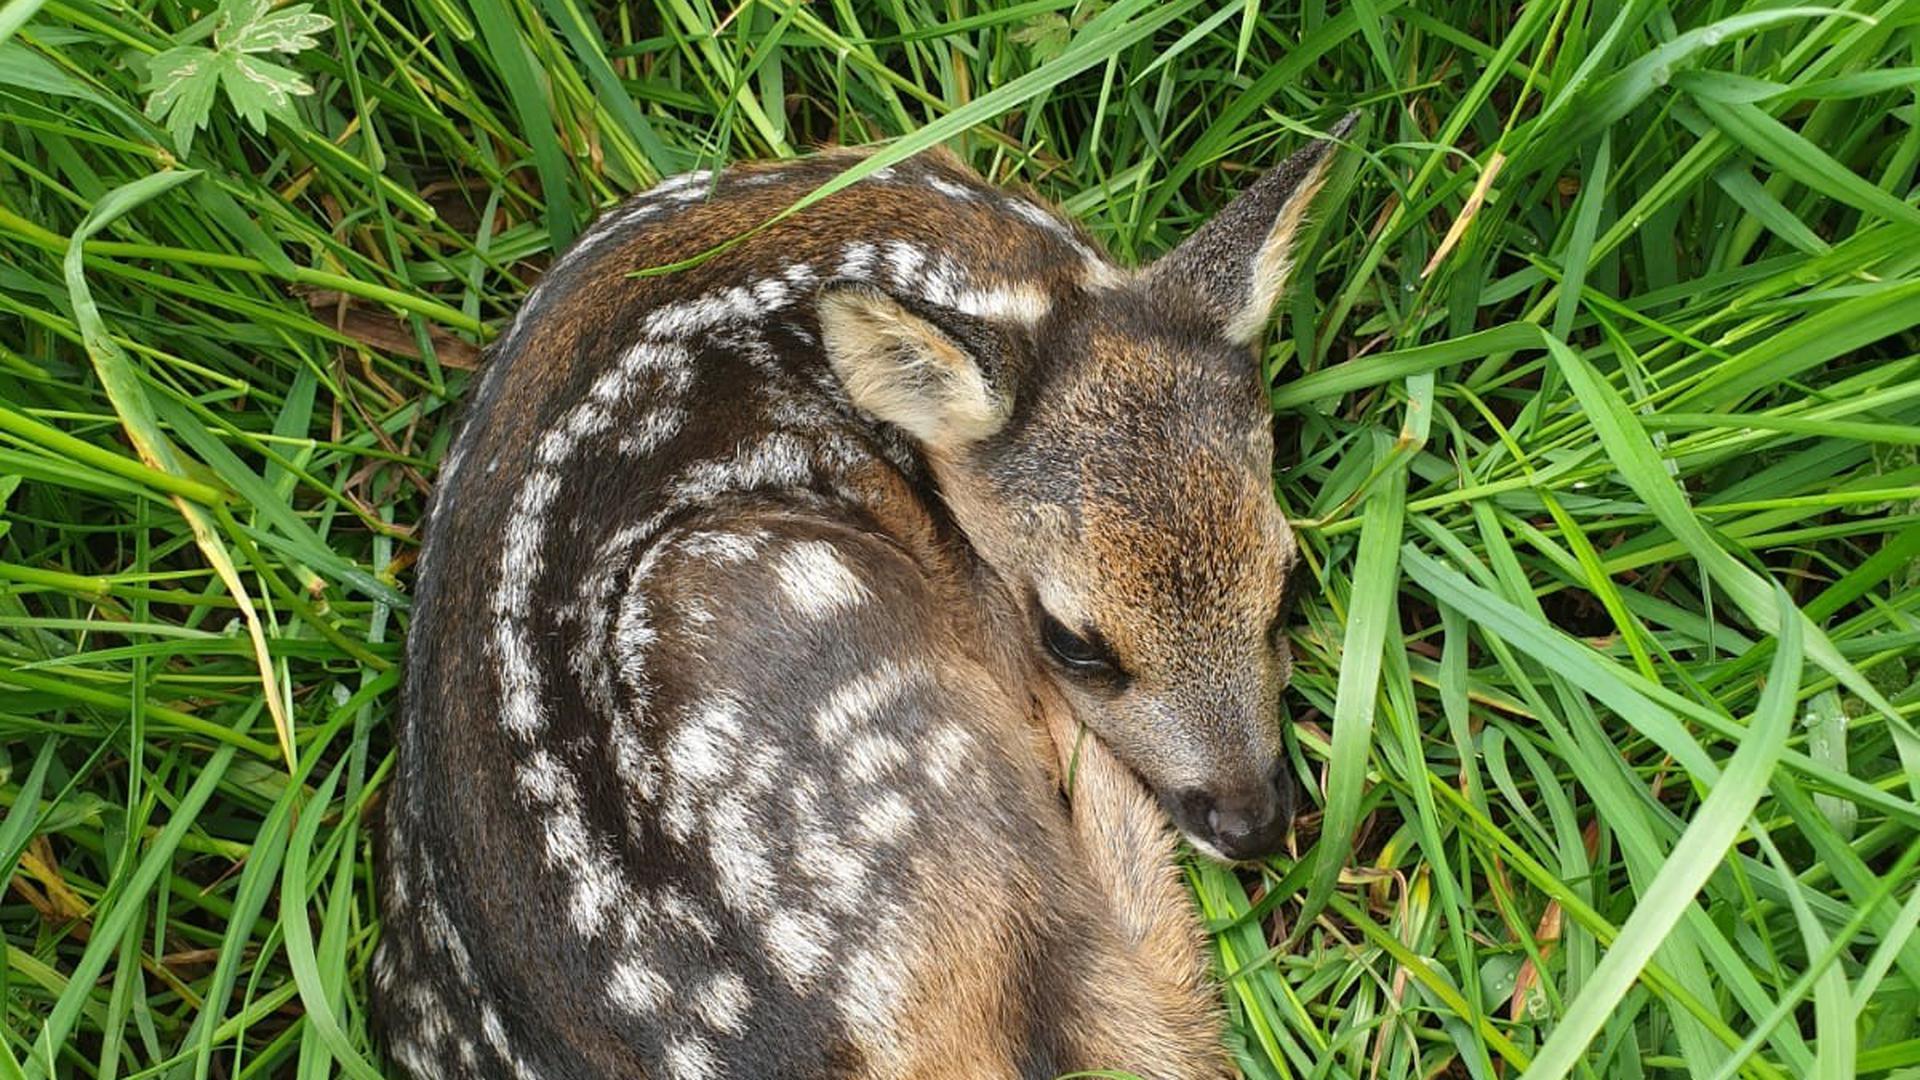 Rehkitze werden zwischen Anfang Mai und Ende Juni geboren. Als Liegeplatz für sie bevorzugen die Mütter Wiesen mit hohem Gras, um die Kitze vor Räubern zu schützen.